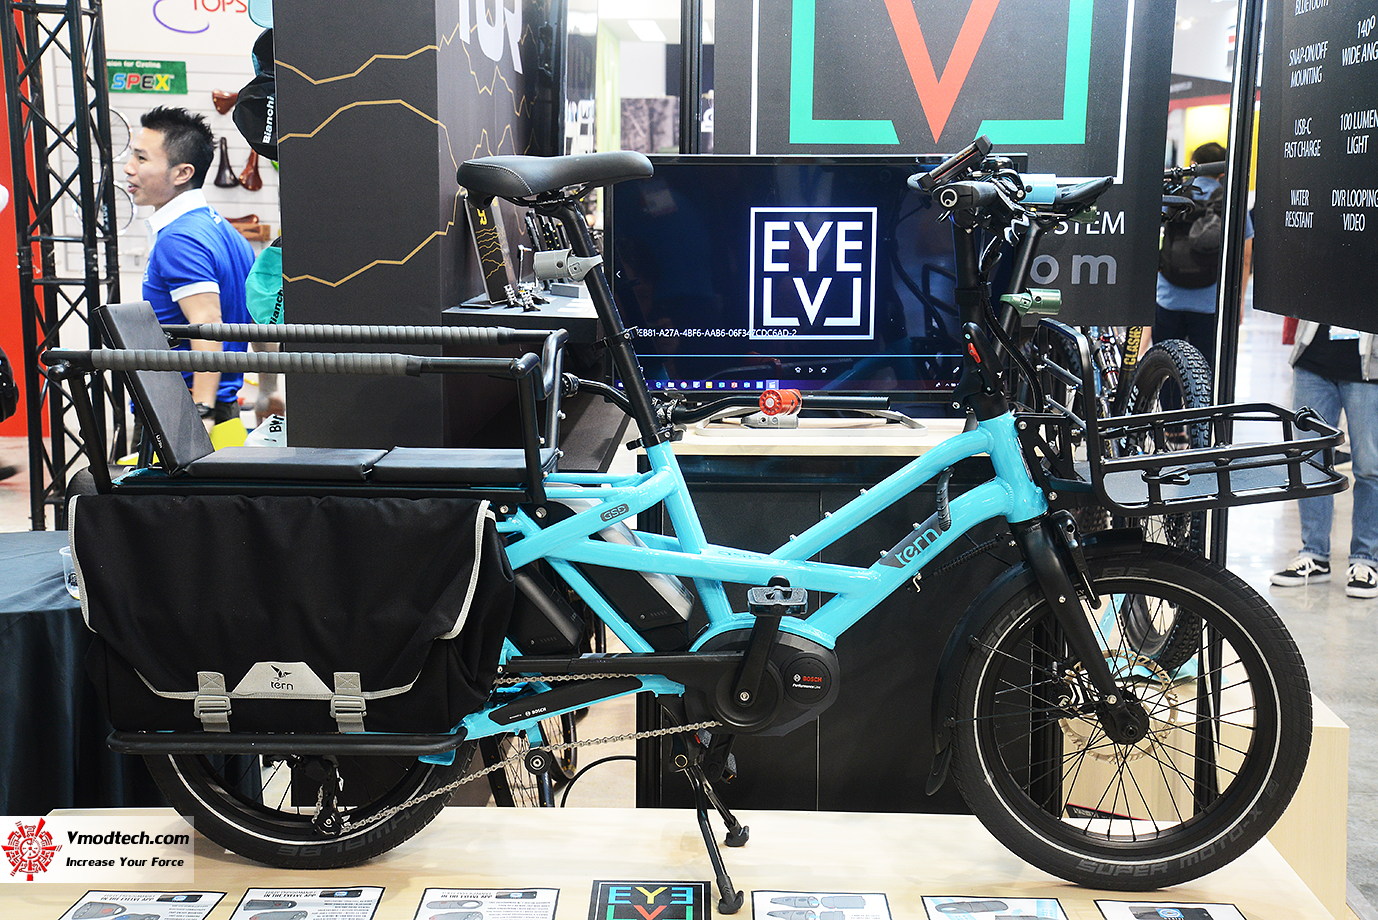 dsc 9227 เยี่ยมชมงาน TAIPEI CYCLE 2019 งานของคนรักจักรยาน ณ กรุงไทเป ประเทศไต้หวัน